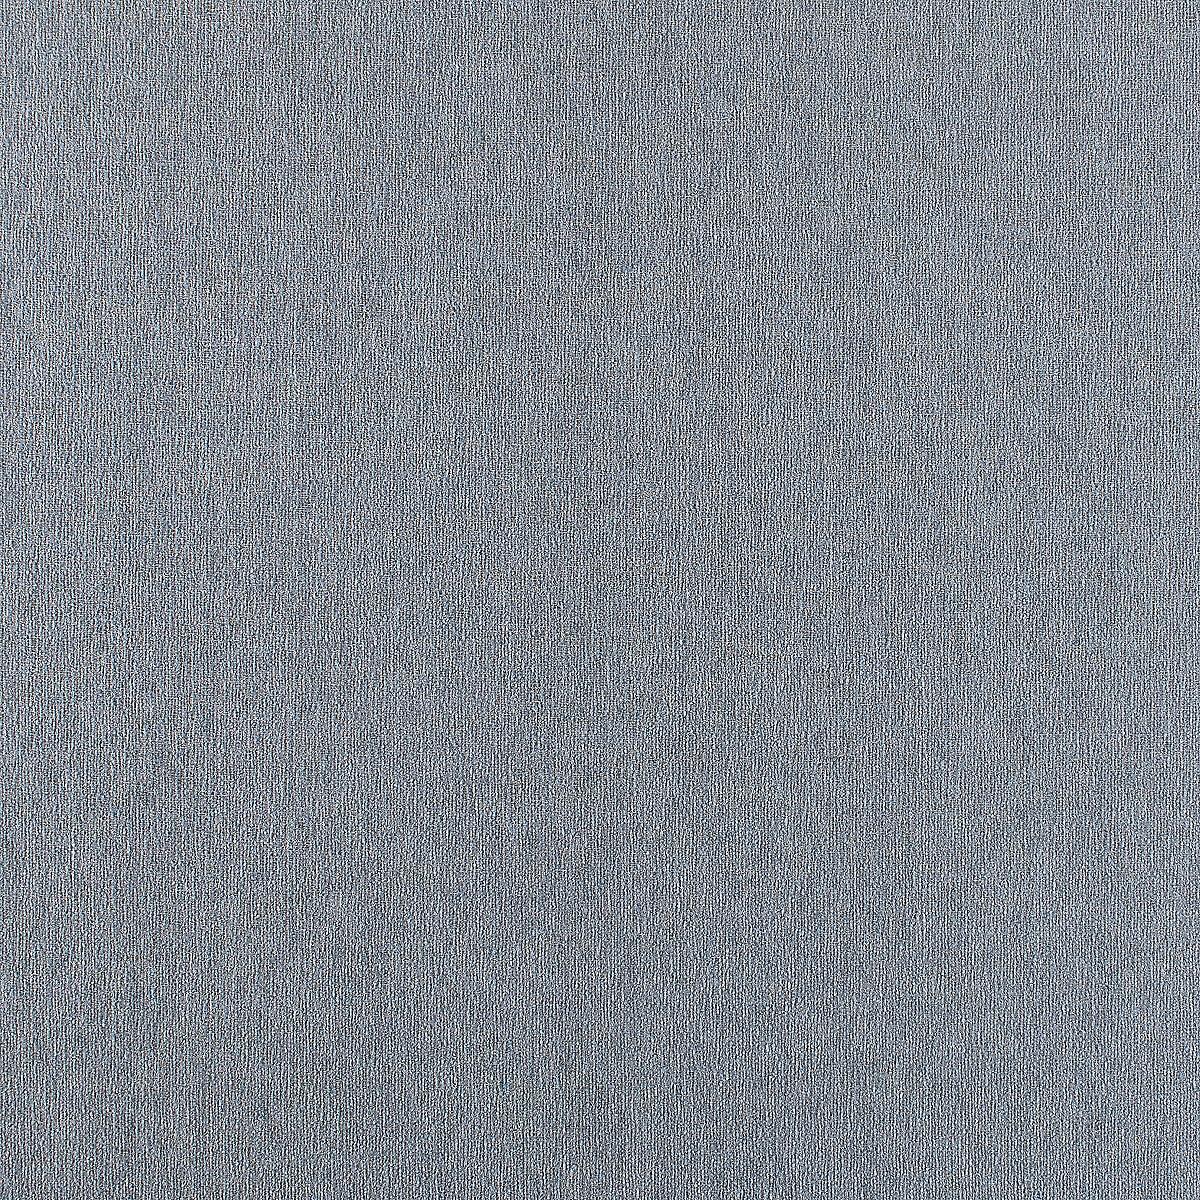 Moonstone: Oyster (fabric yardage)